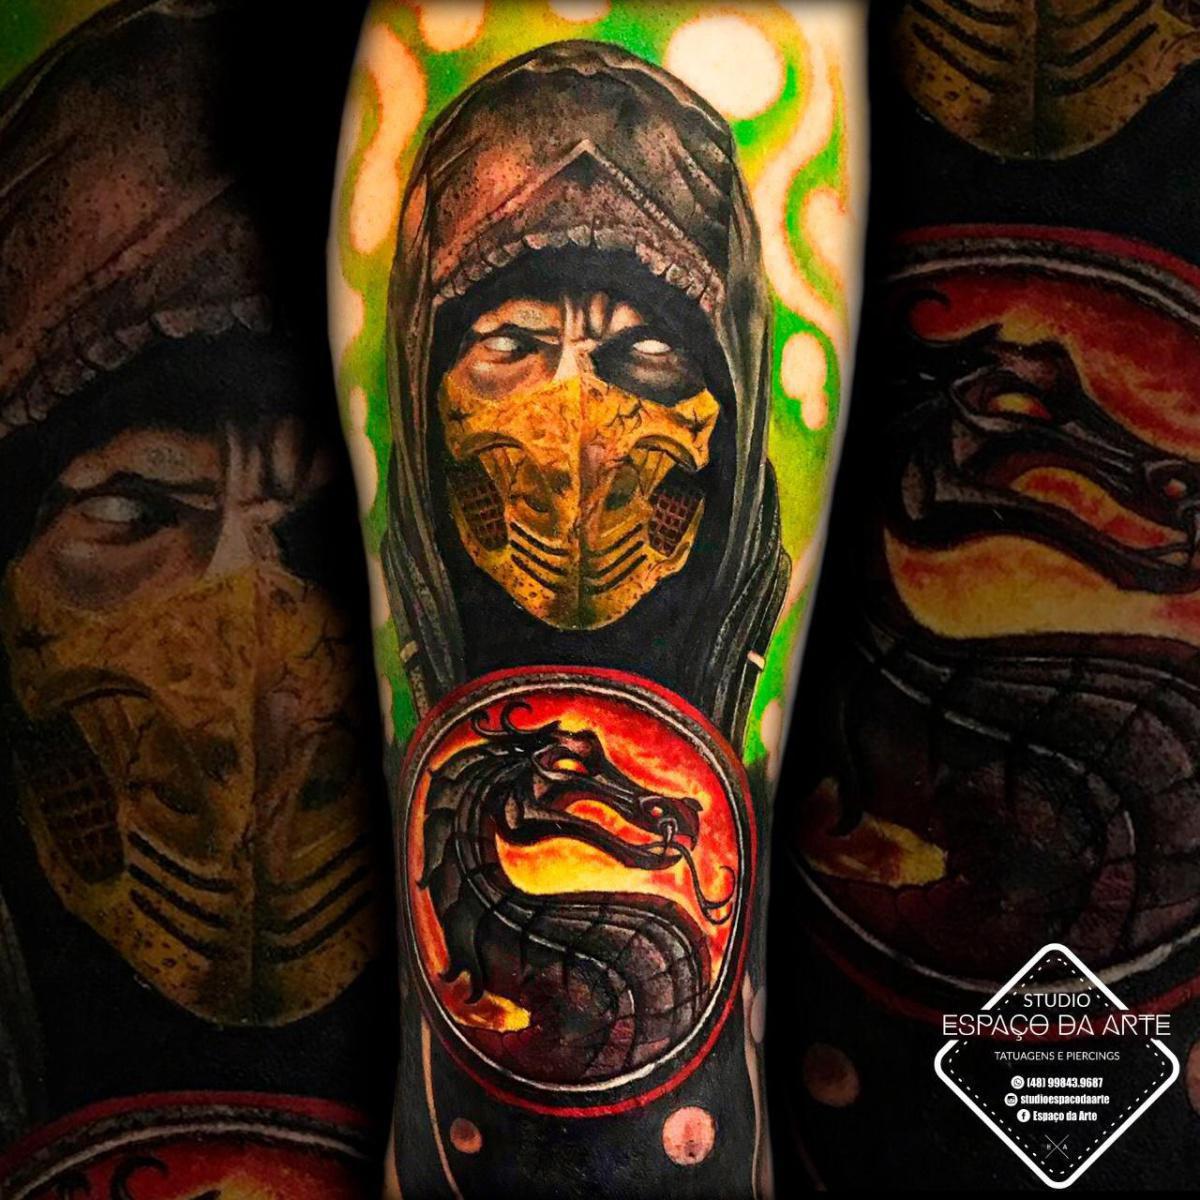 Espaço da Arte Studio Tattoo